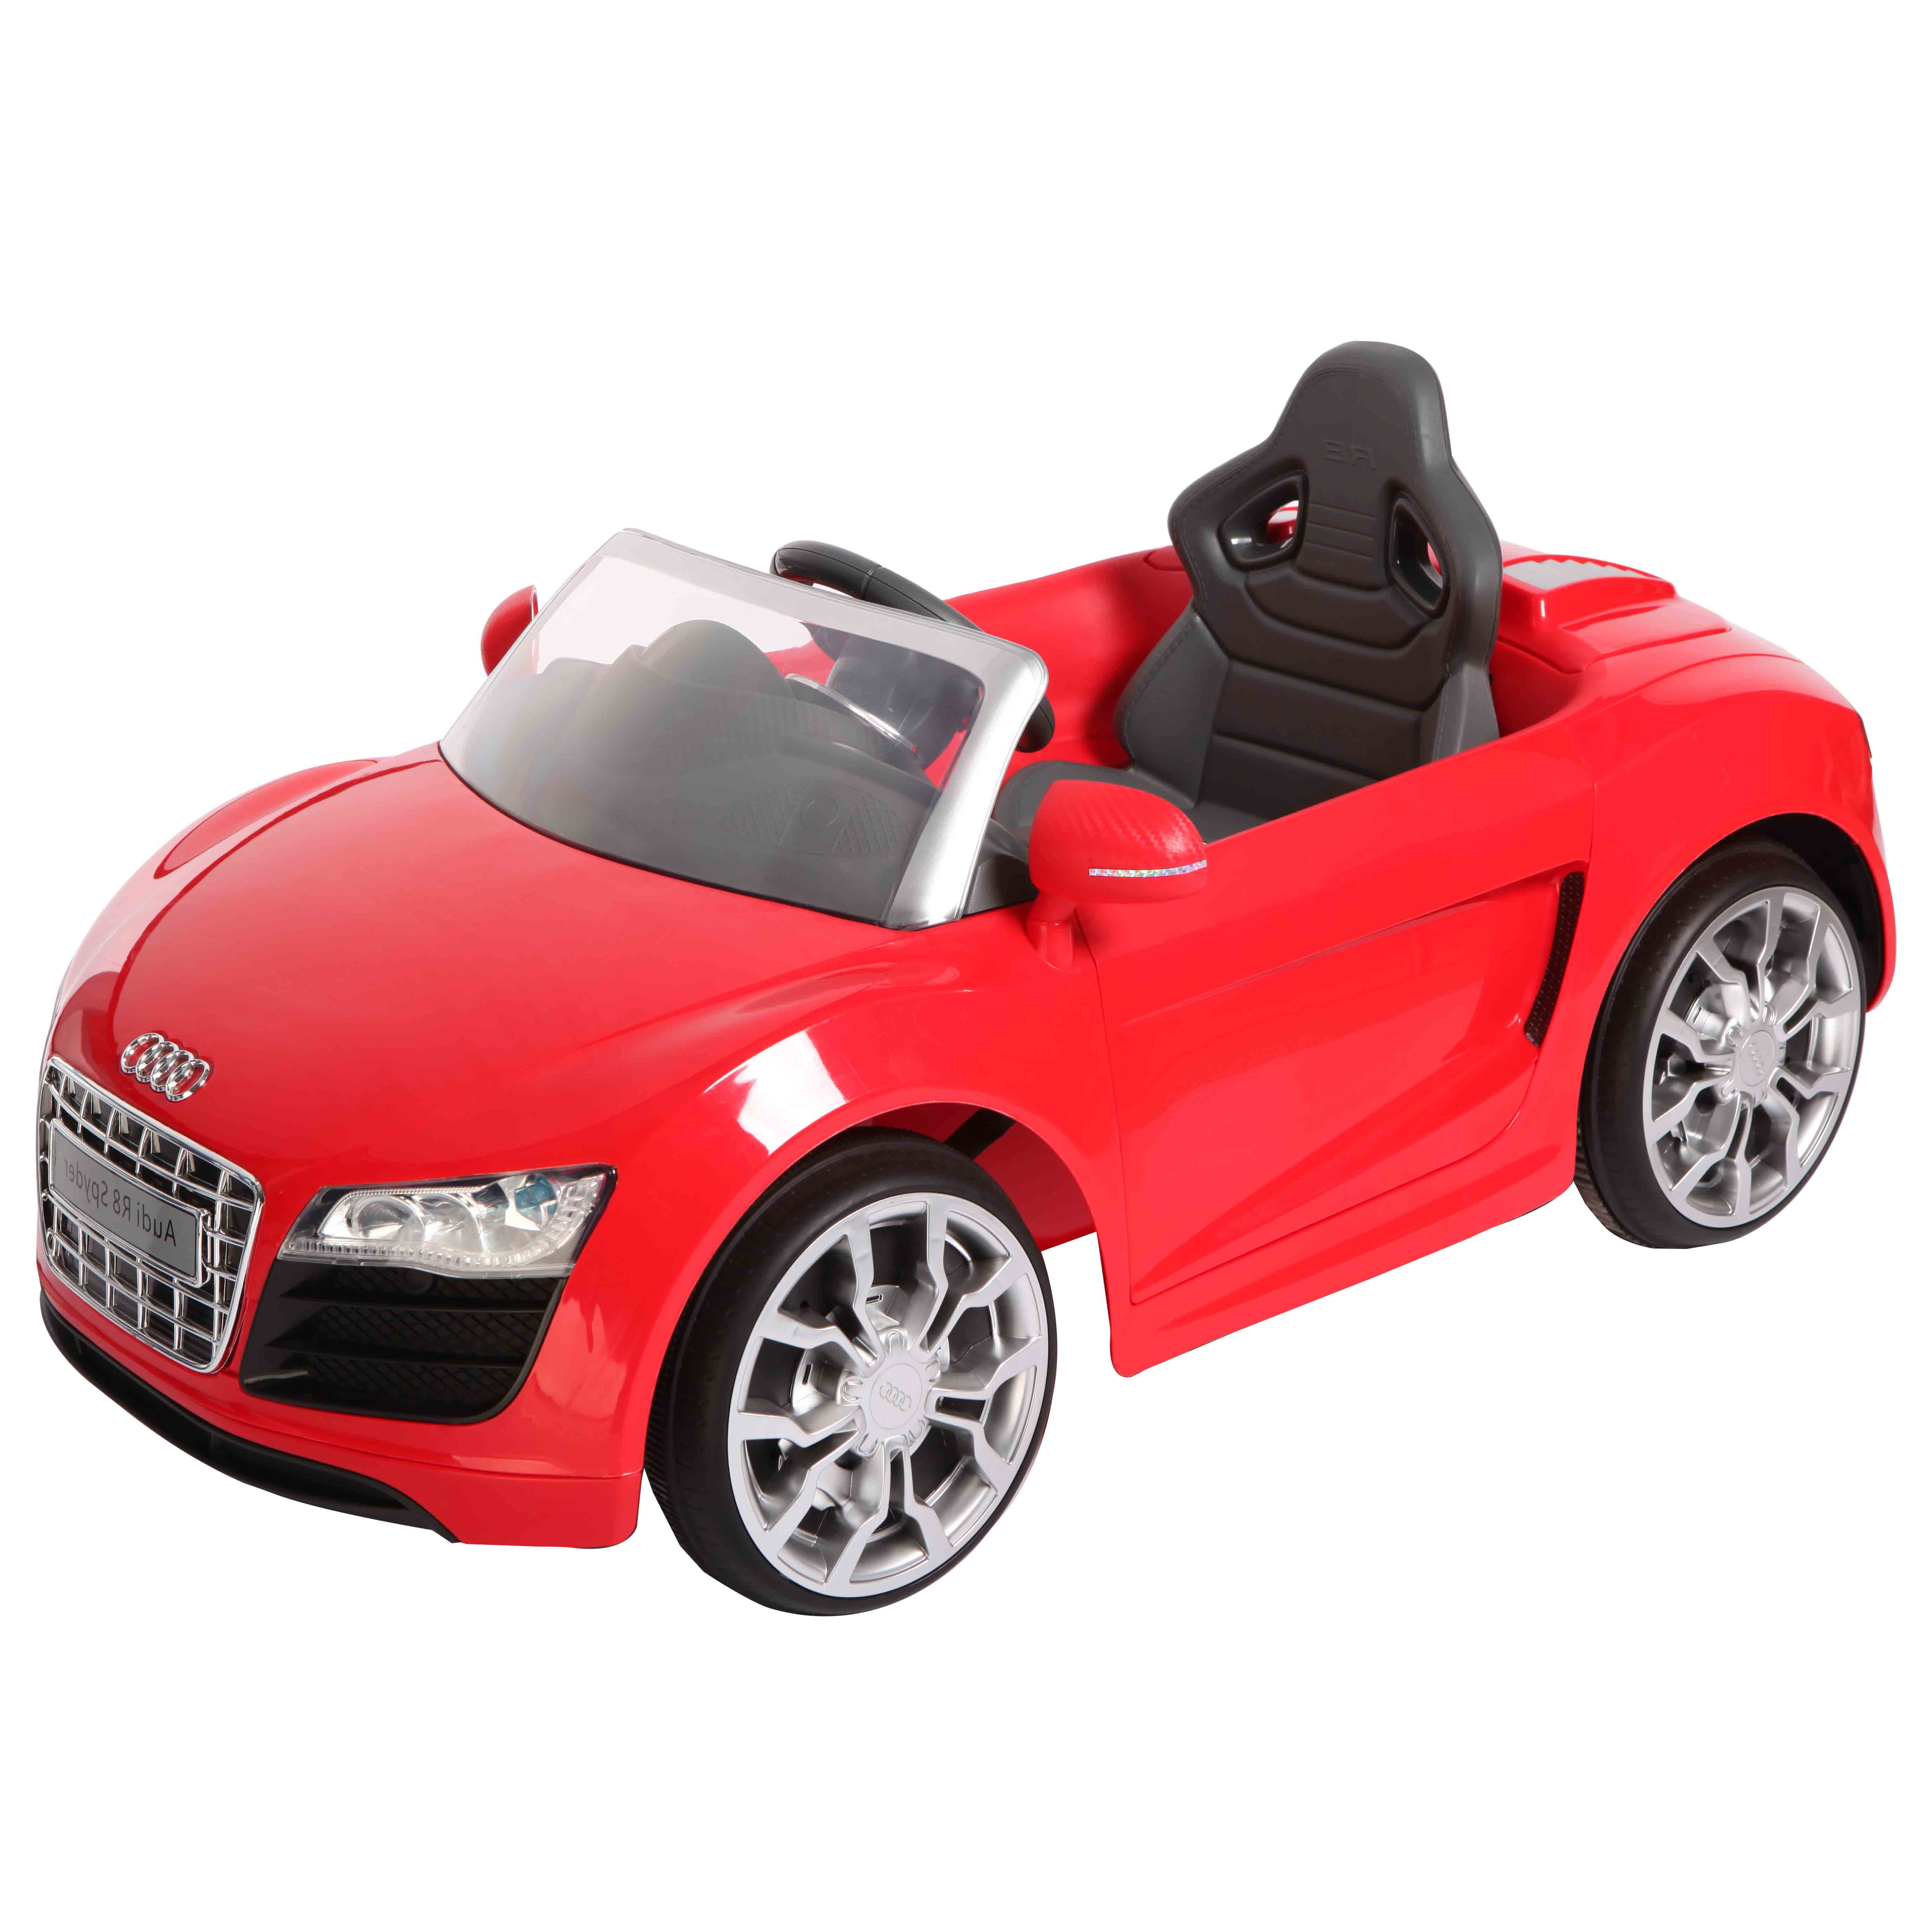 AUDI奧迪R8電動車/紅色/可遙控/兒童電動車/免運費/現貨